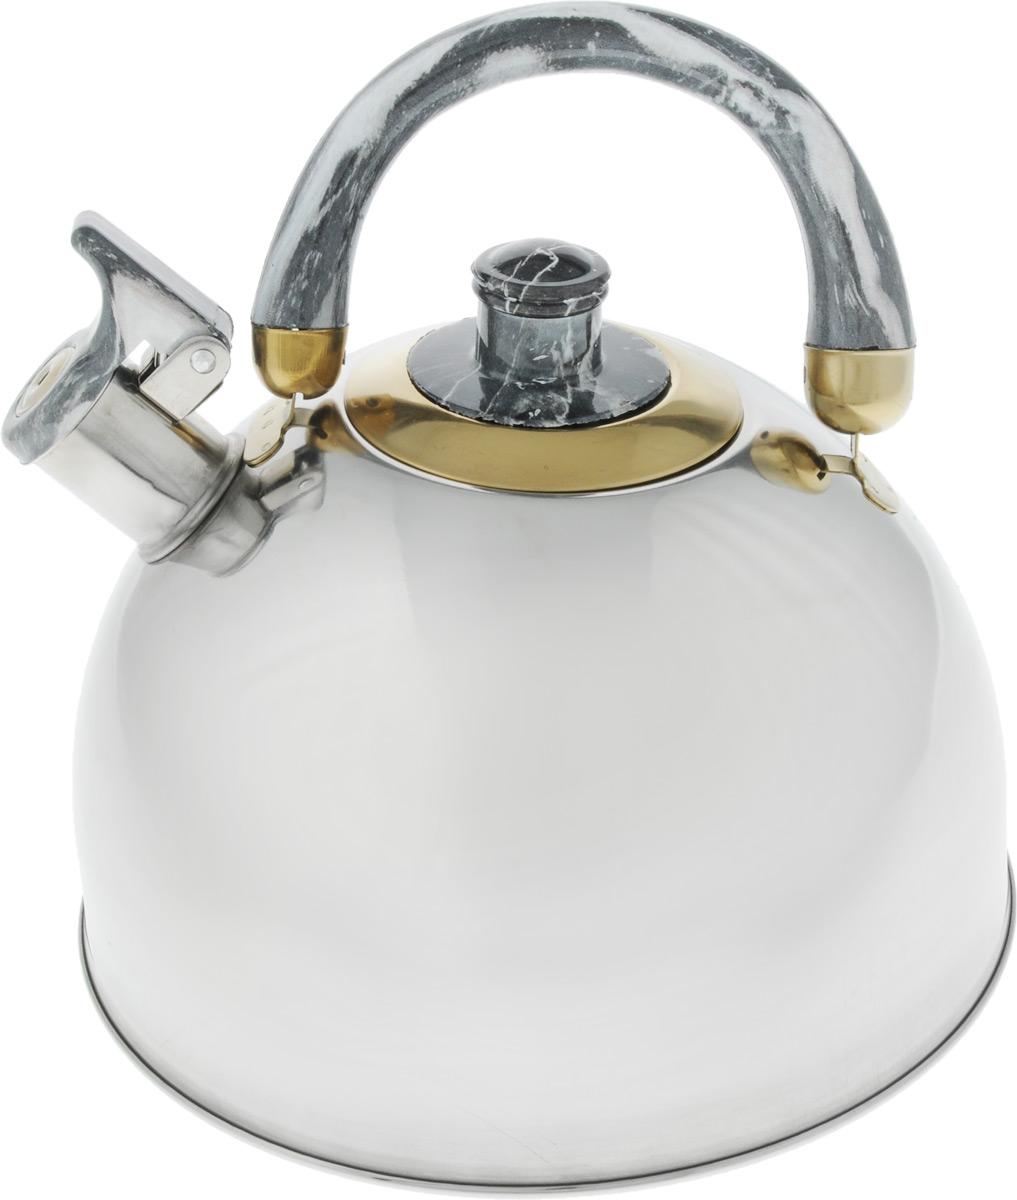 Чайник Bohmann Lite, со свистком, цвет: светло-серый, 4,5 л54 009312Чайник Bohmann Lite изготовлен из коррозионностойкой стали с зеркальной полировкой. Это материал, зарекомендовавший себя как идеально подходящий для изготовления кухонной посуды, столовых приборов и аксессуаров. Прочность, надежность, стойкость к кислотам и привлекательный внешний вид - основные свойства этого материала. Подвижная ручка, выполненная из термостойкого пластика под мрамор, обеспечивает комфортную эксплуатацию. Носик чайника оборудован свистком, который громким сигналом оповестит о закипании воды. Серия Lite - это посуда из стали, легкая и экономичная. Доступна для широкого круга потребителей, оптимальна по цене и качеству. Подходит для любой кухни, привлекательна по своим характеристикам, цене и практичности. Чайник подходит для электрических, газовых, галогеновых и стеклокерамических плит. Изделие можно мыть в посудомоечной машине. Диаметр (по верхнему краю): 8,5 см. Диаметр основания: 22 см. Высота чайника (без учета ручки и крышки): 12,5 см.